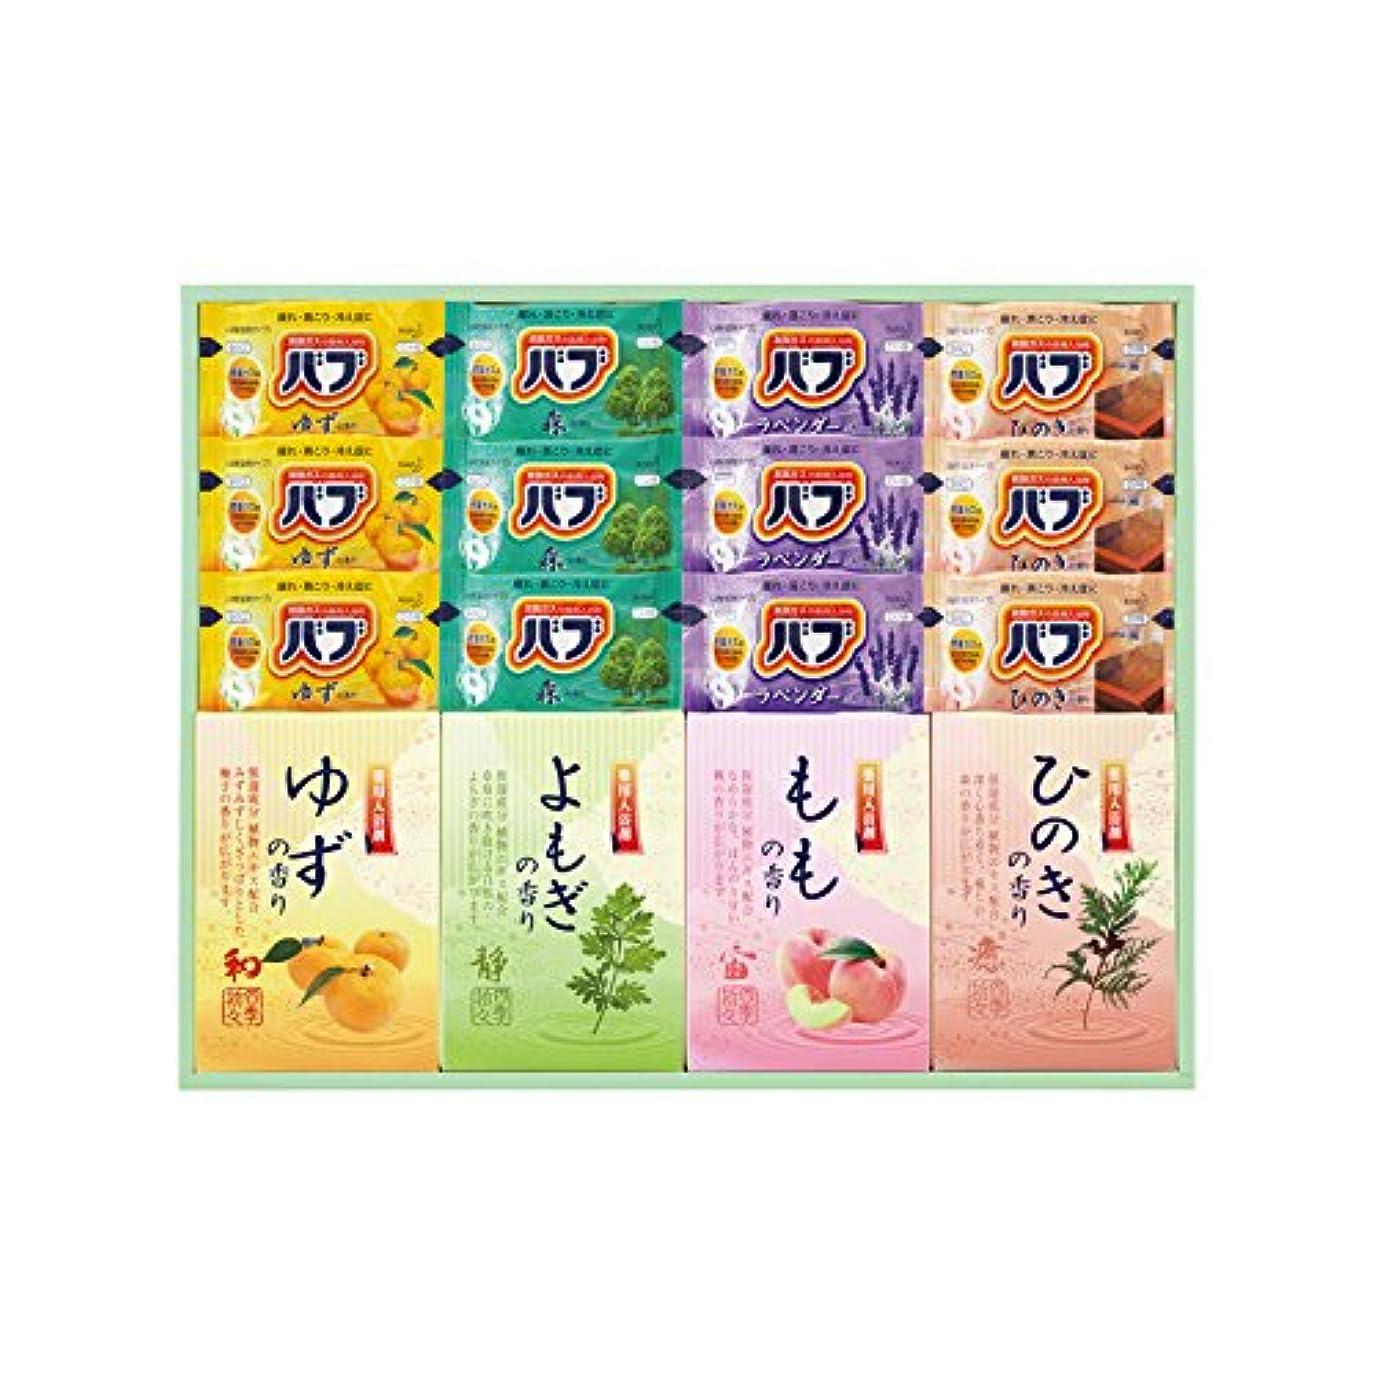 ゲーム美徳パターン炭酸 薬用入浴剤セット BKK-25